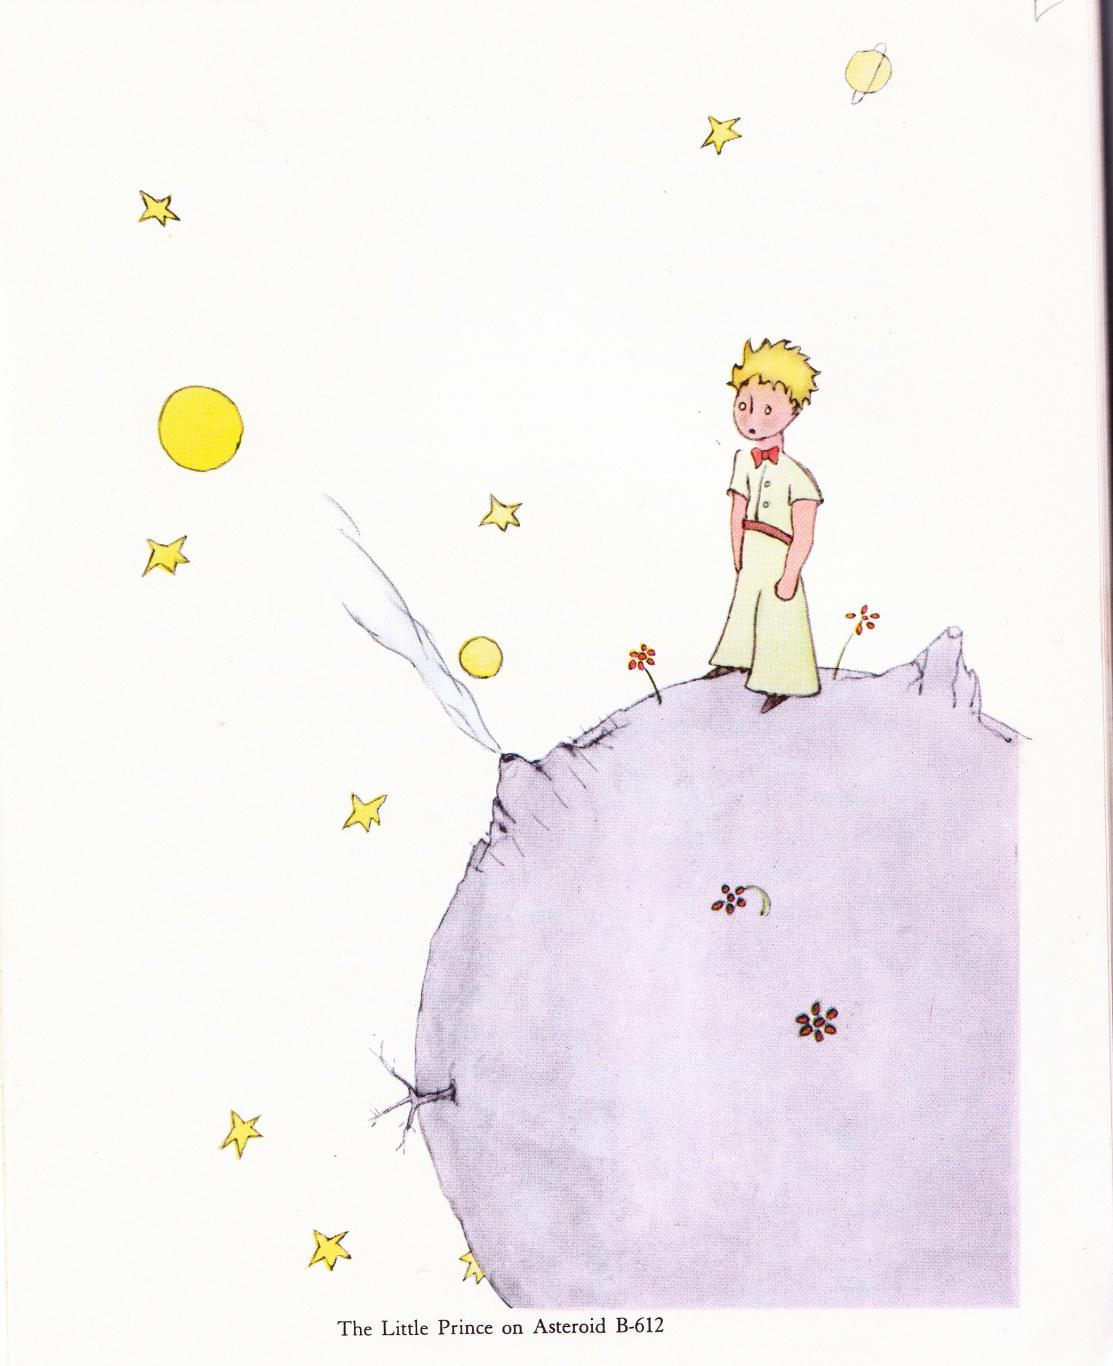 кошка стихи маленький принц шевчук якобы